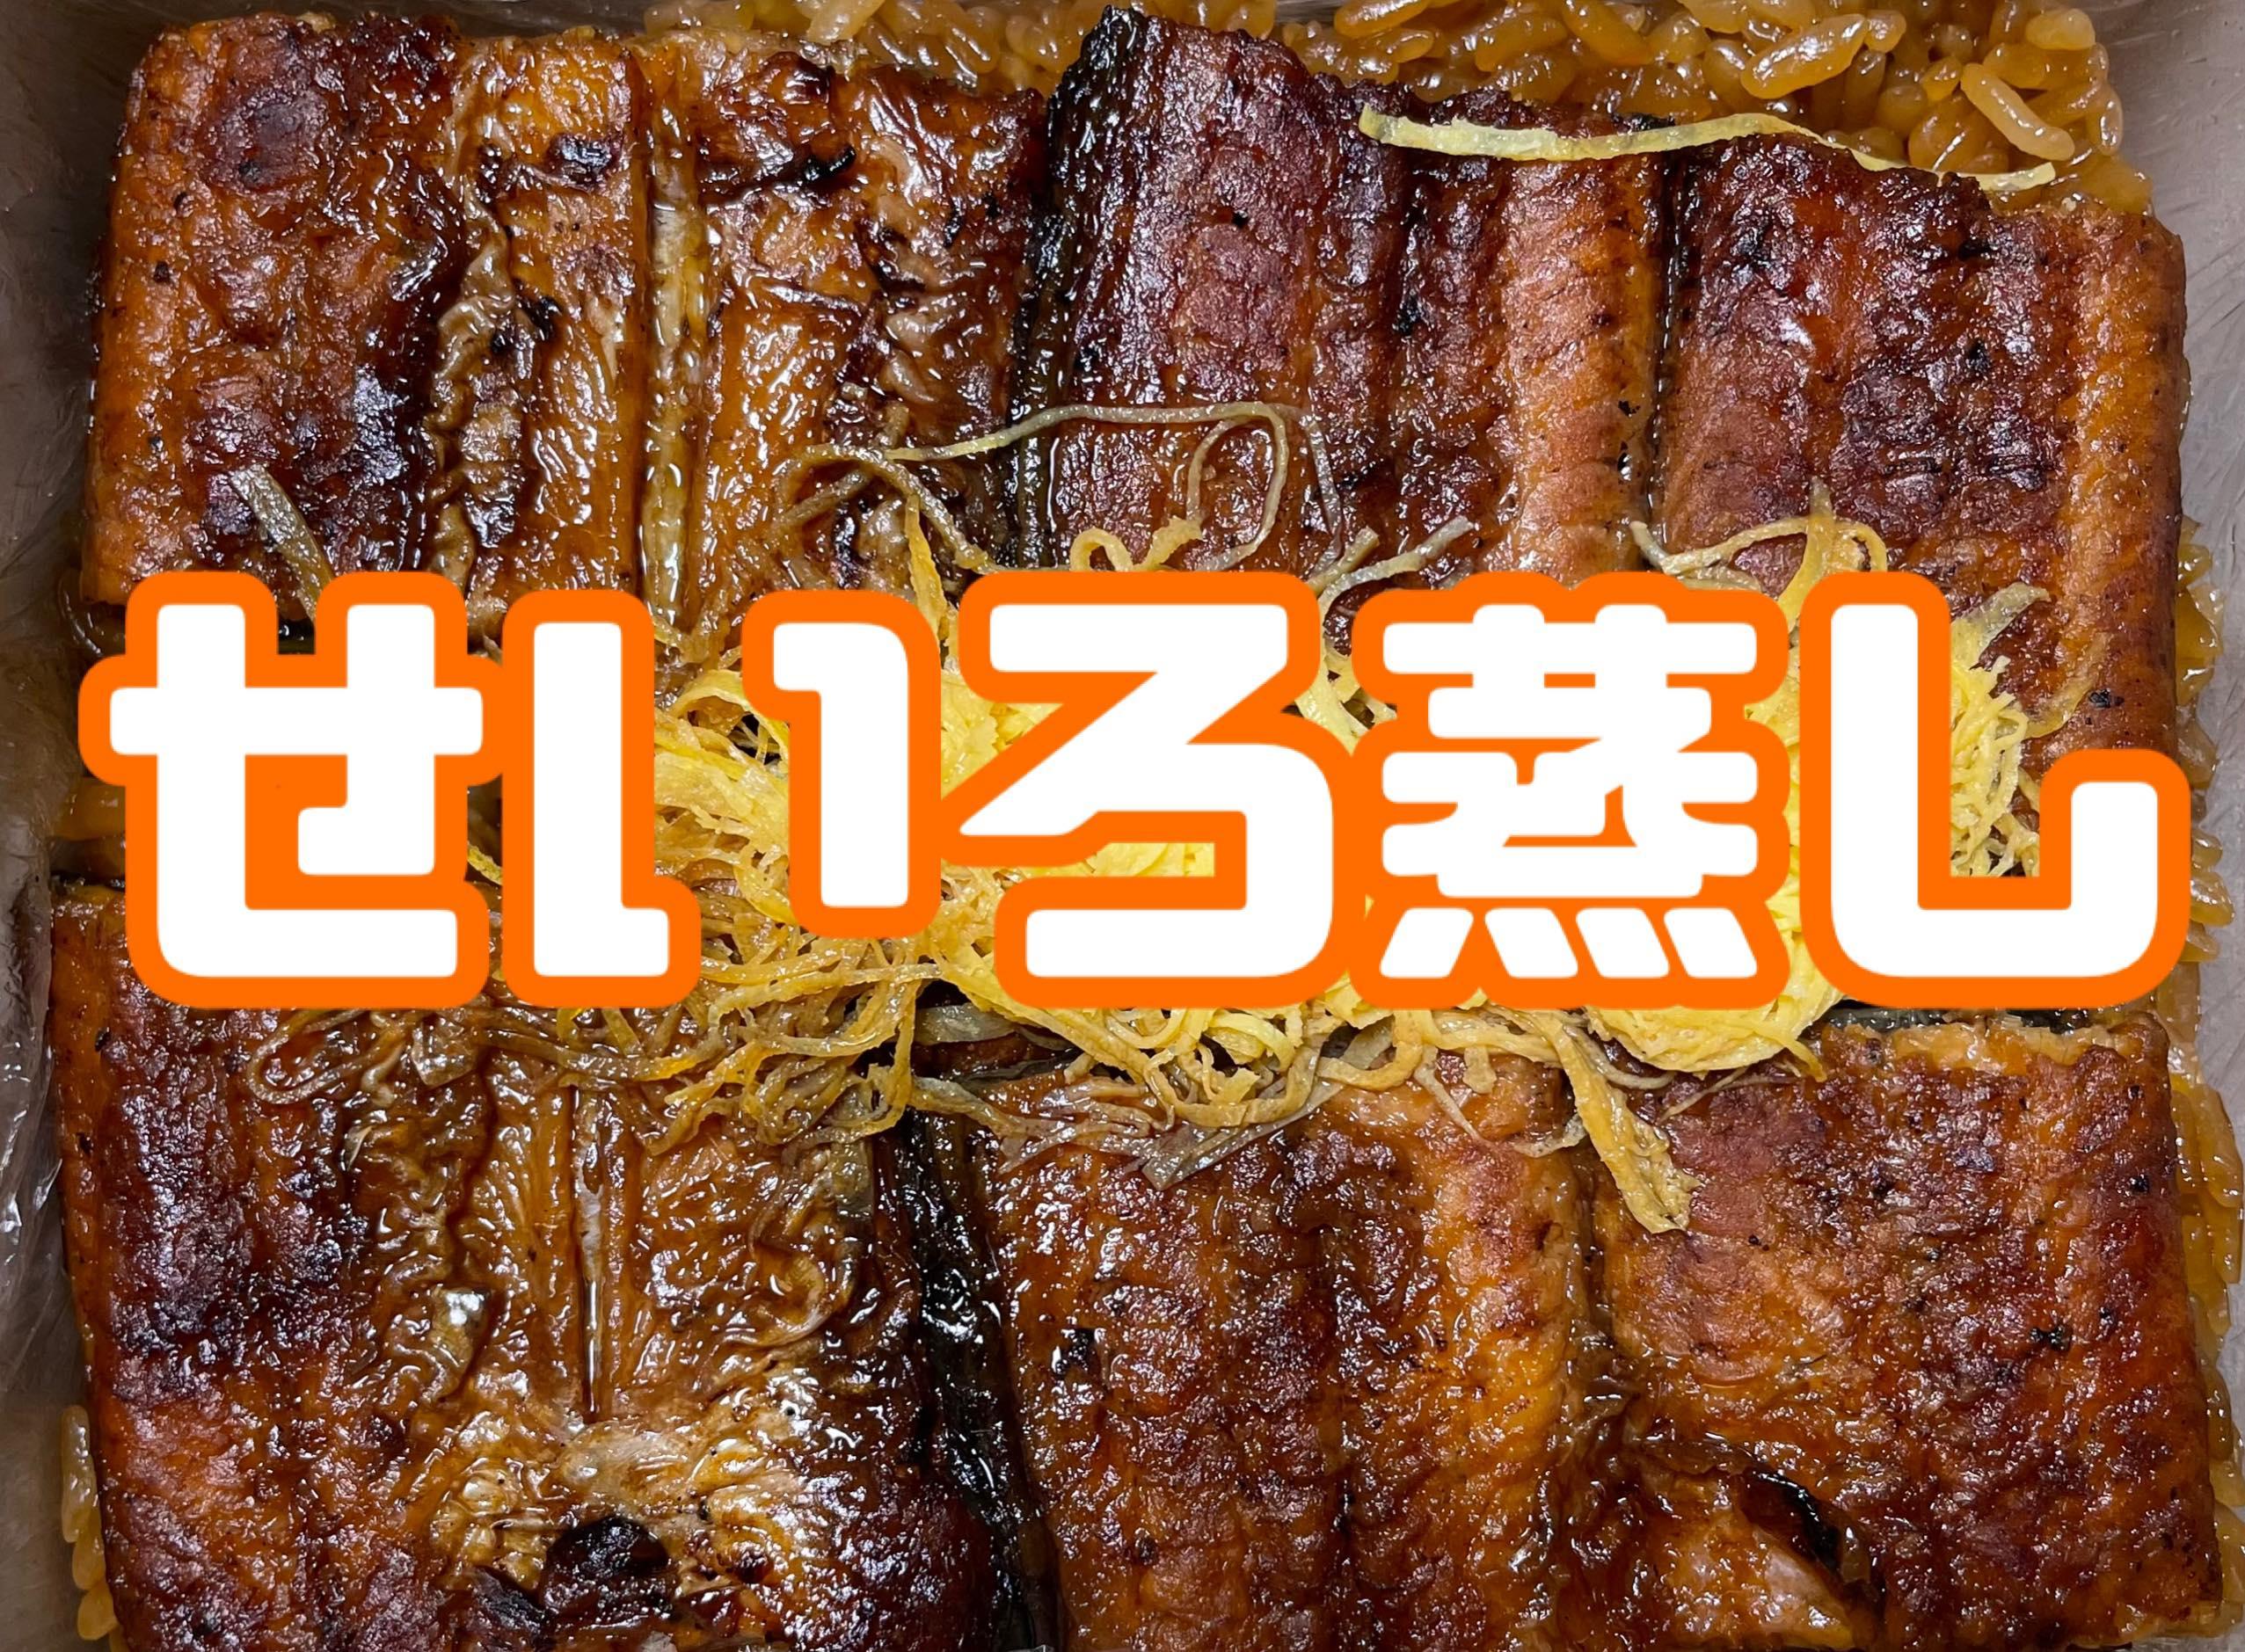 【福岡】ウナギといえば「せいろ蒸し」一択っちゃけど! 取り寄せてみたけん、見ていかんねー!!